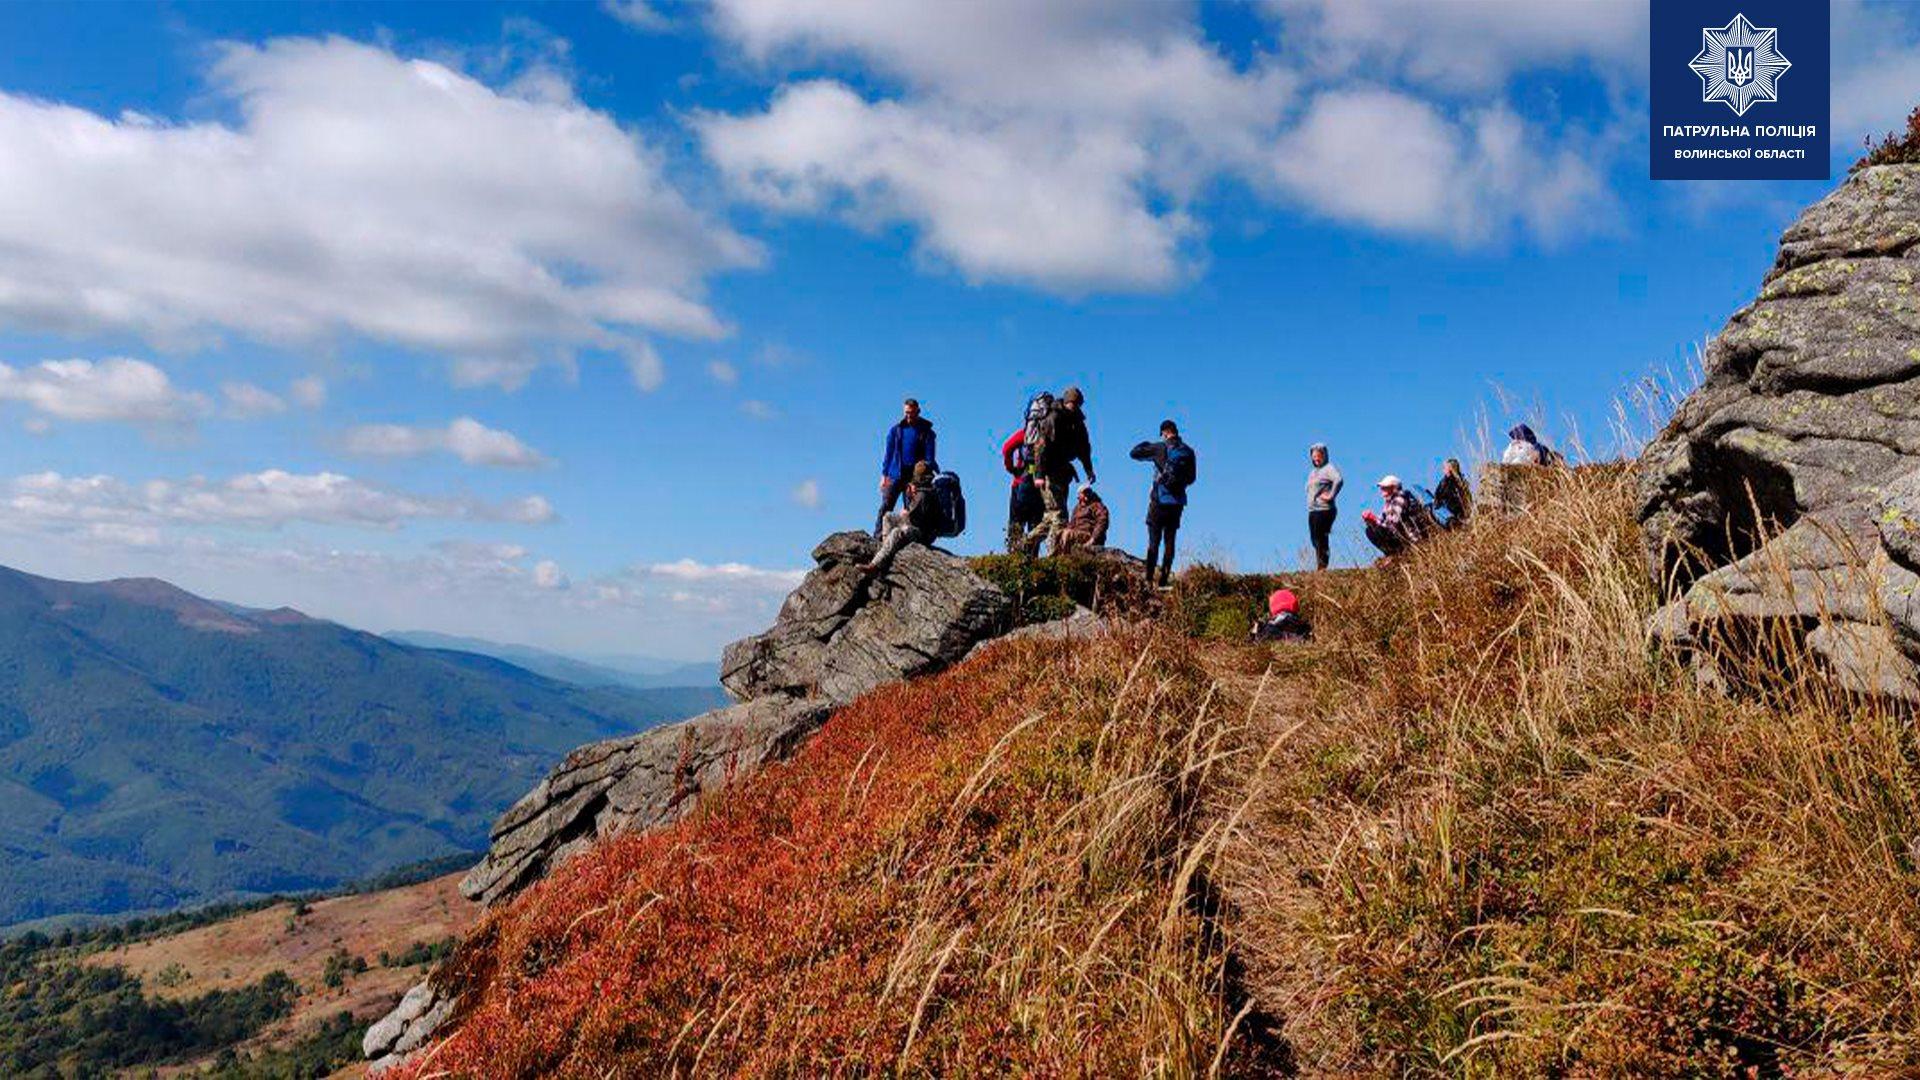 Патрульні Волині допомогли піднятися на гору чоловіку на інвалідному візку